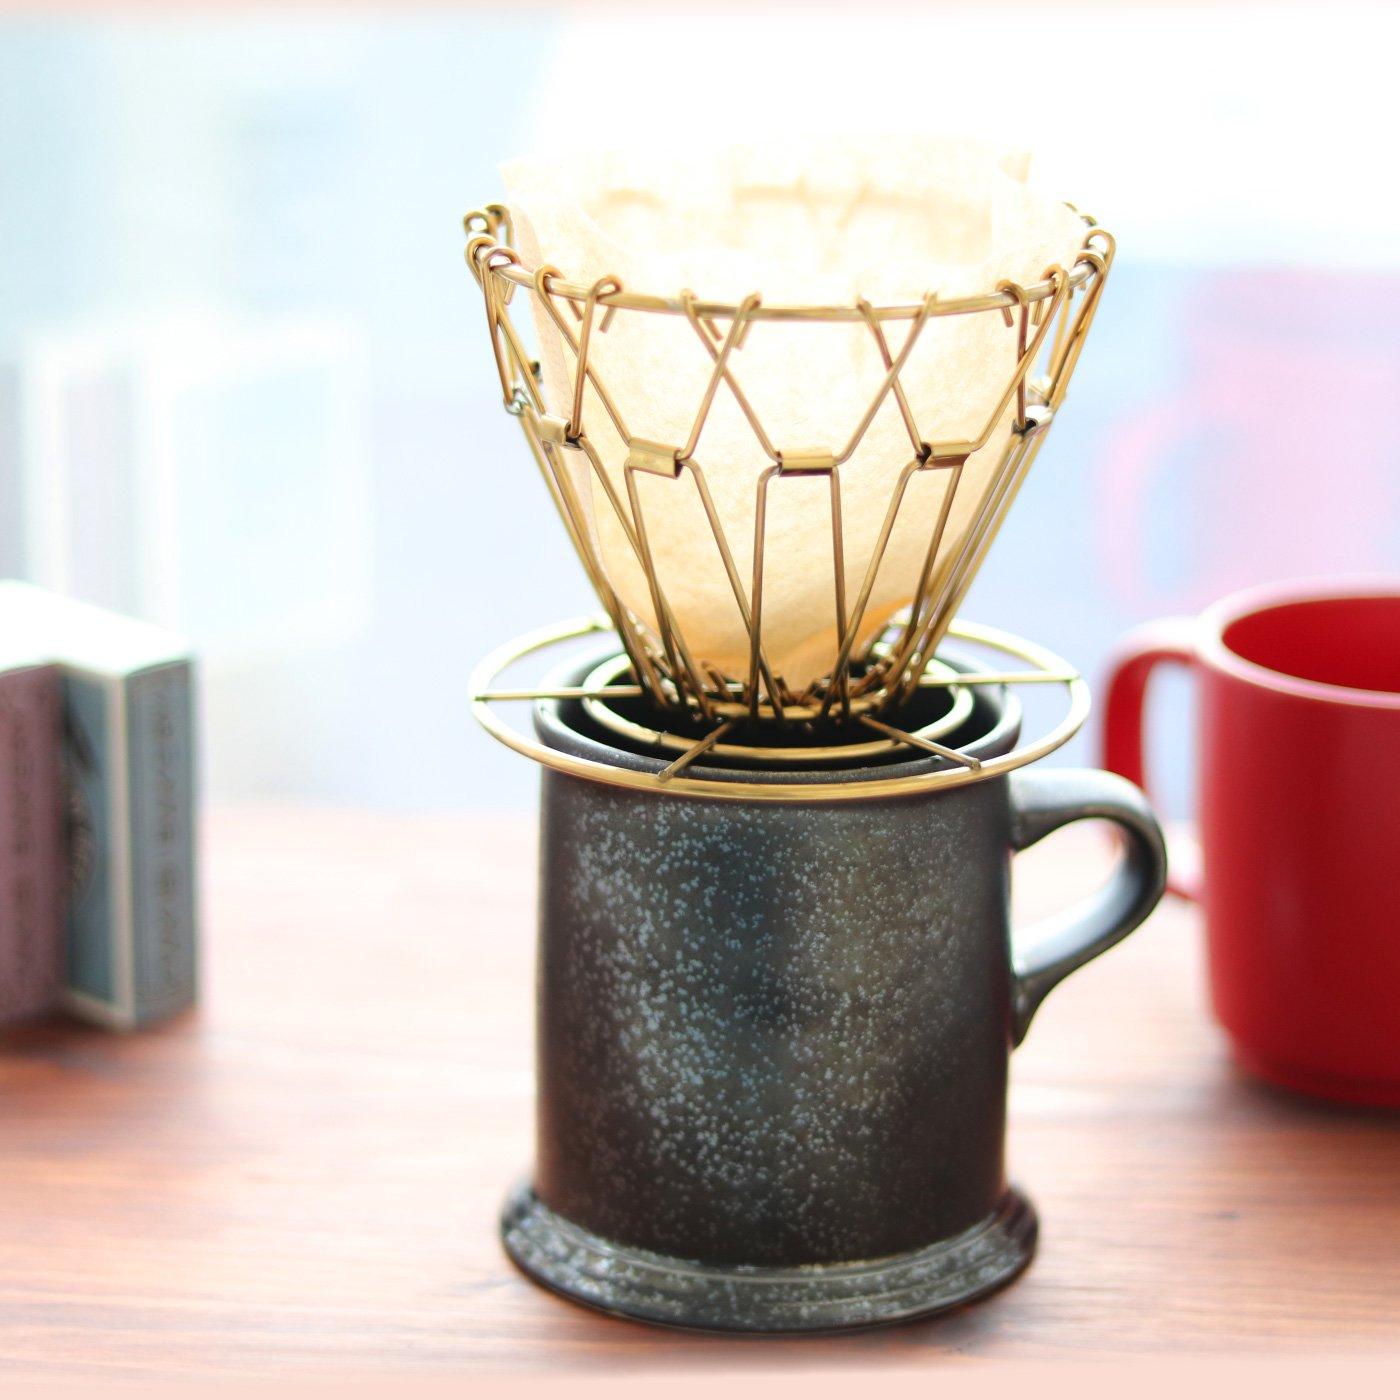 Kikkerland 折りたたみできる ブラスのコーヒードリッパー